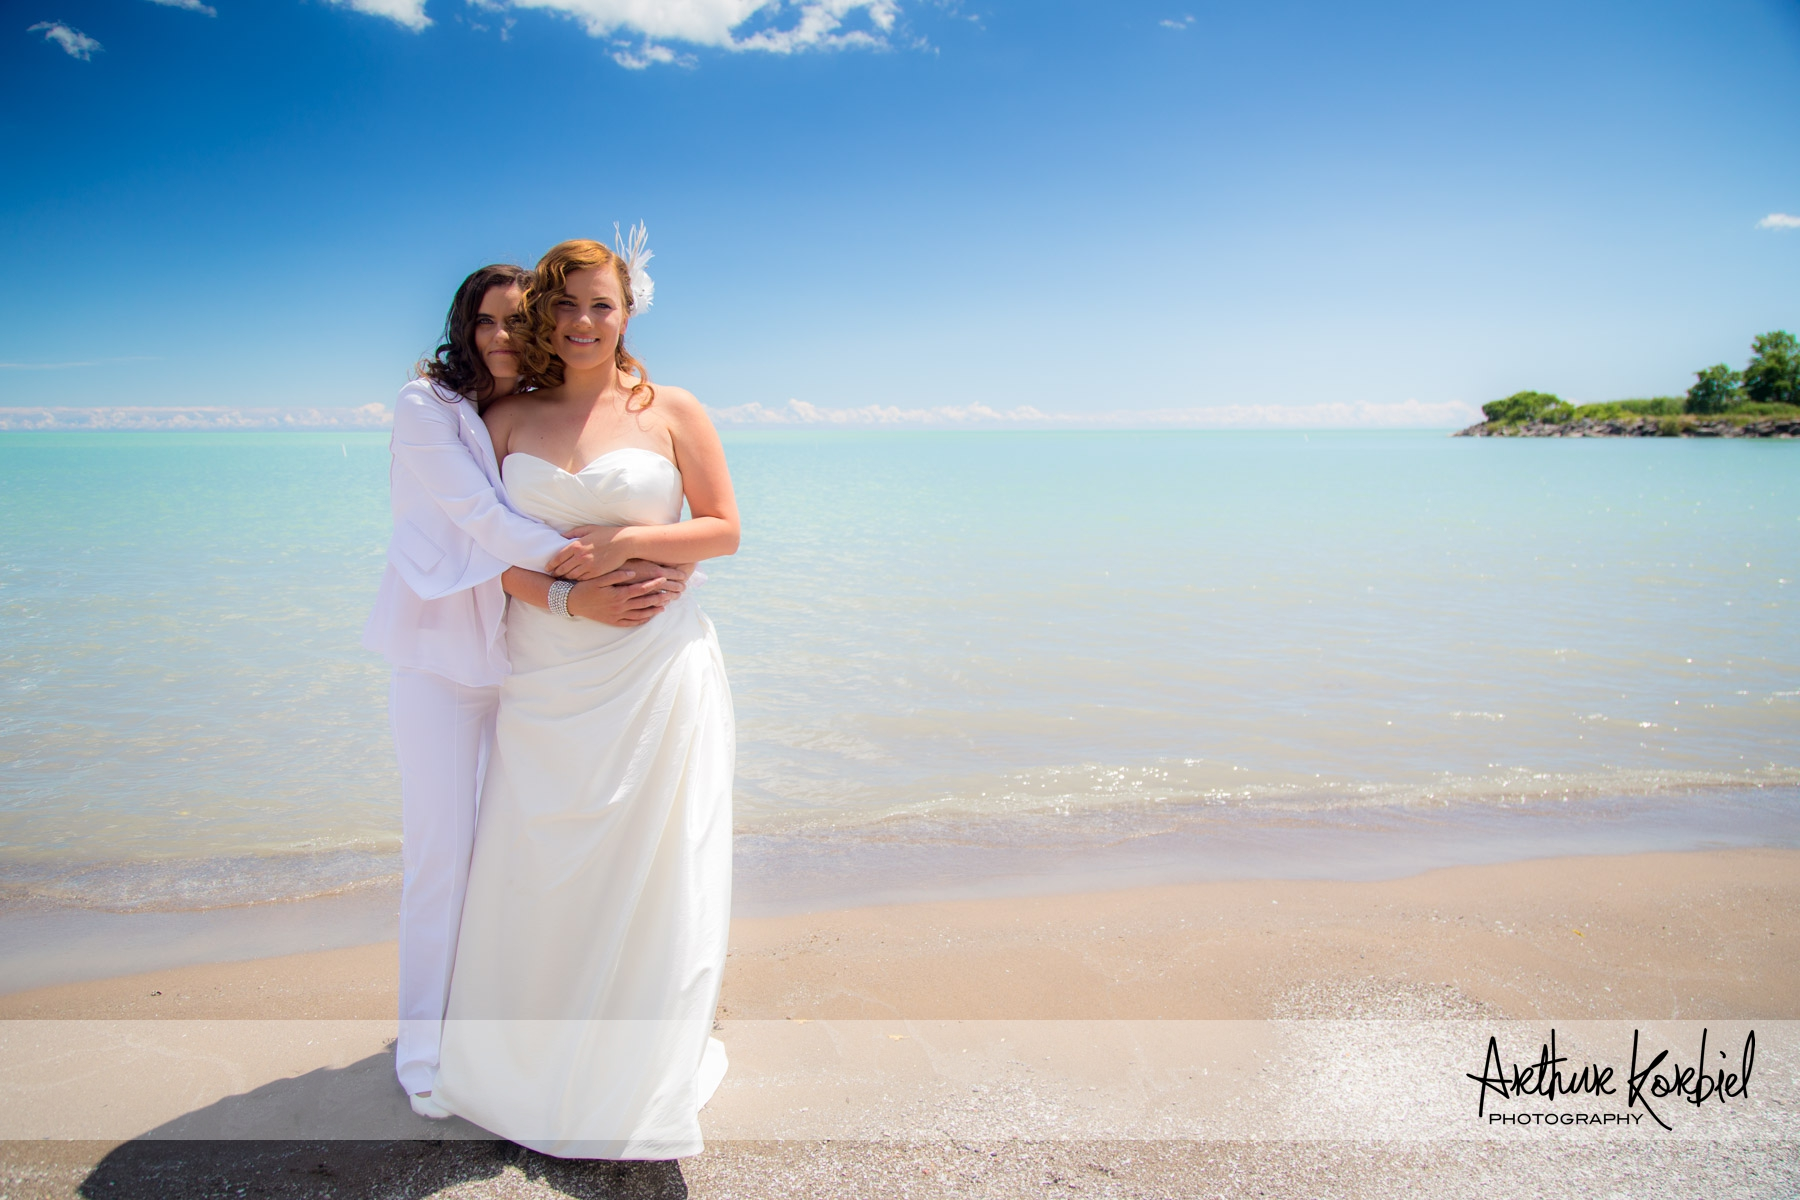 Arthur Korbiel Photography - London Wedding Photographer - SameSex-007.jpg